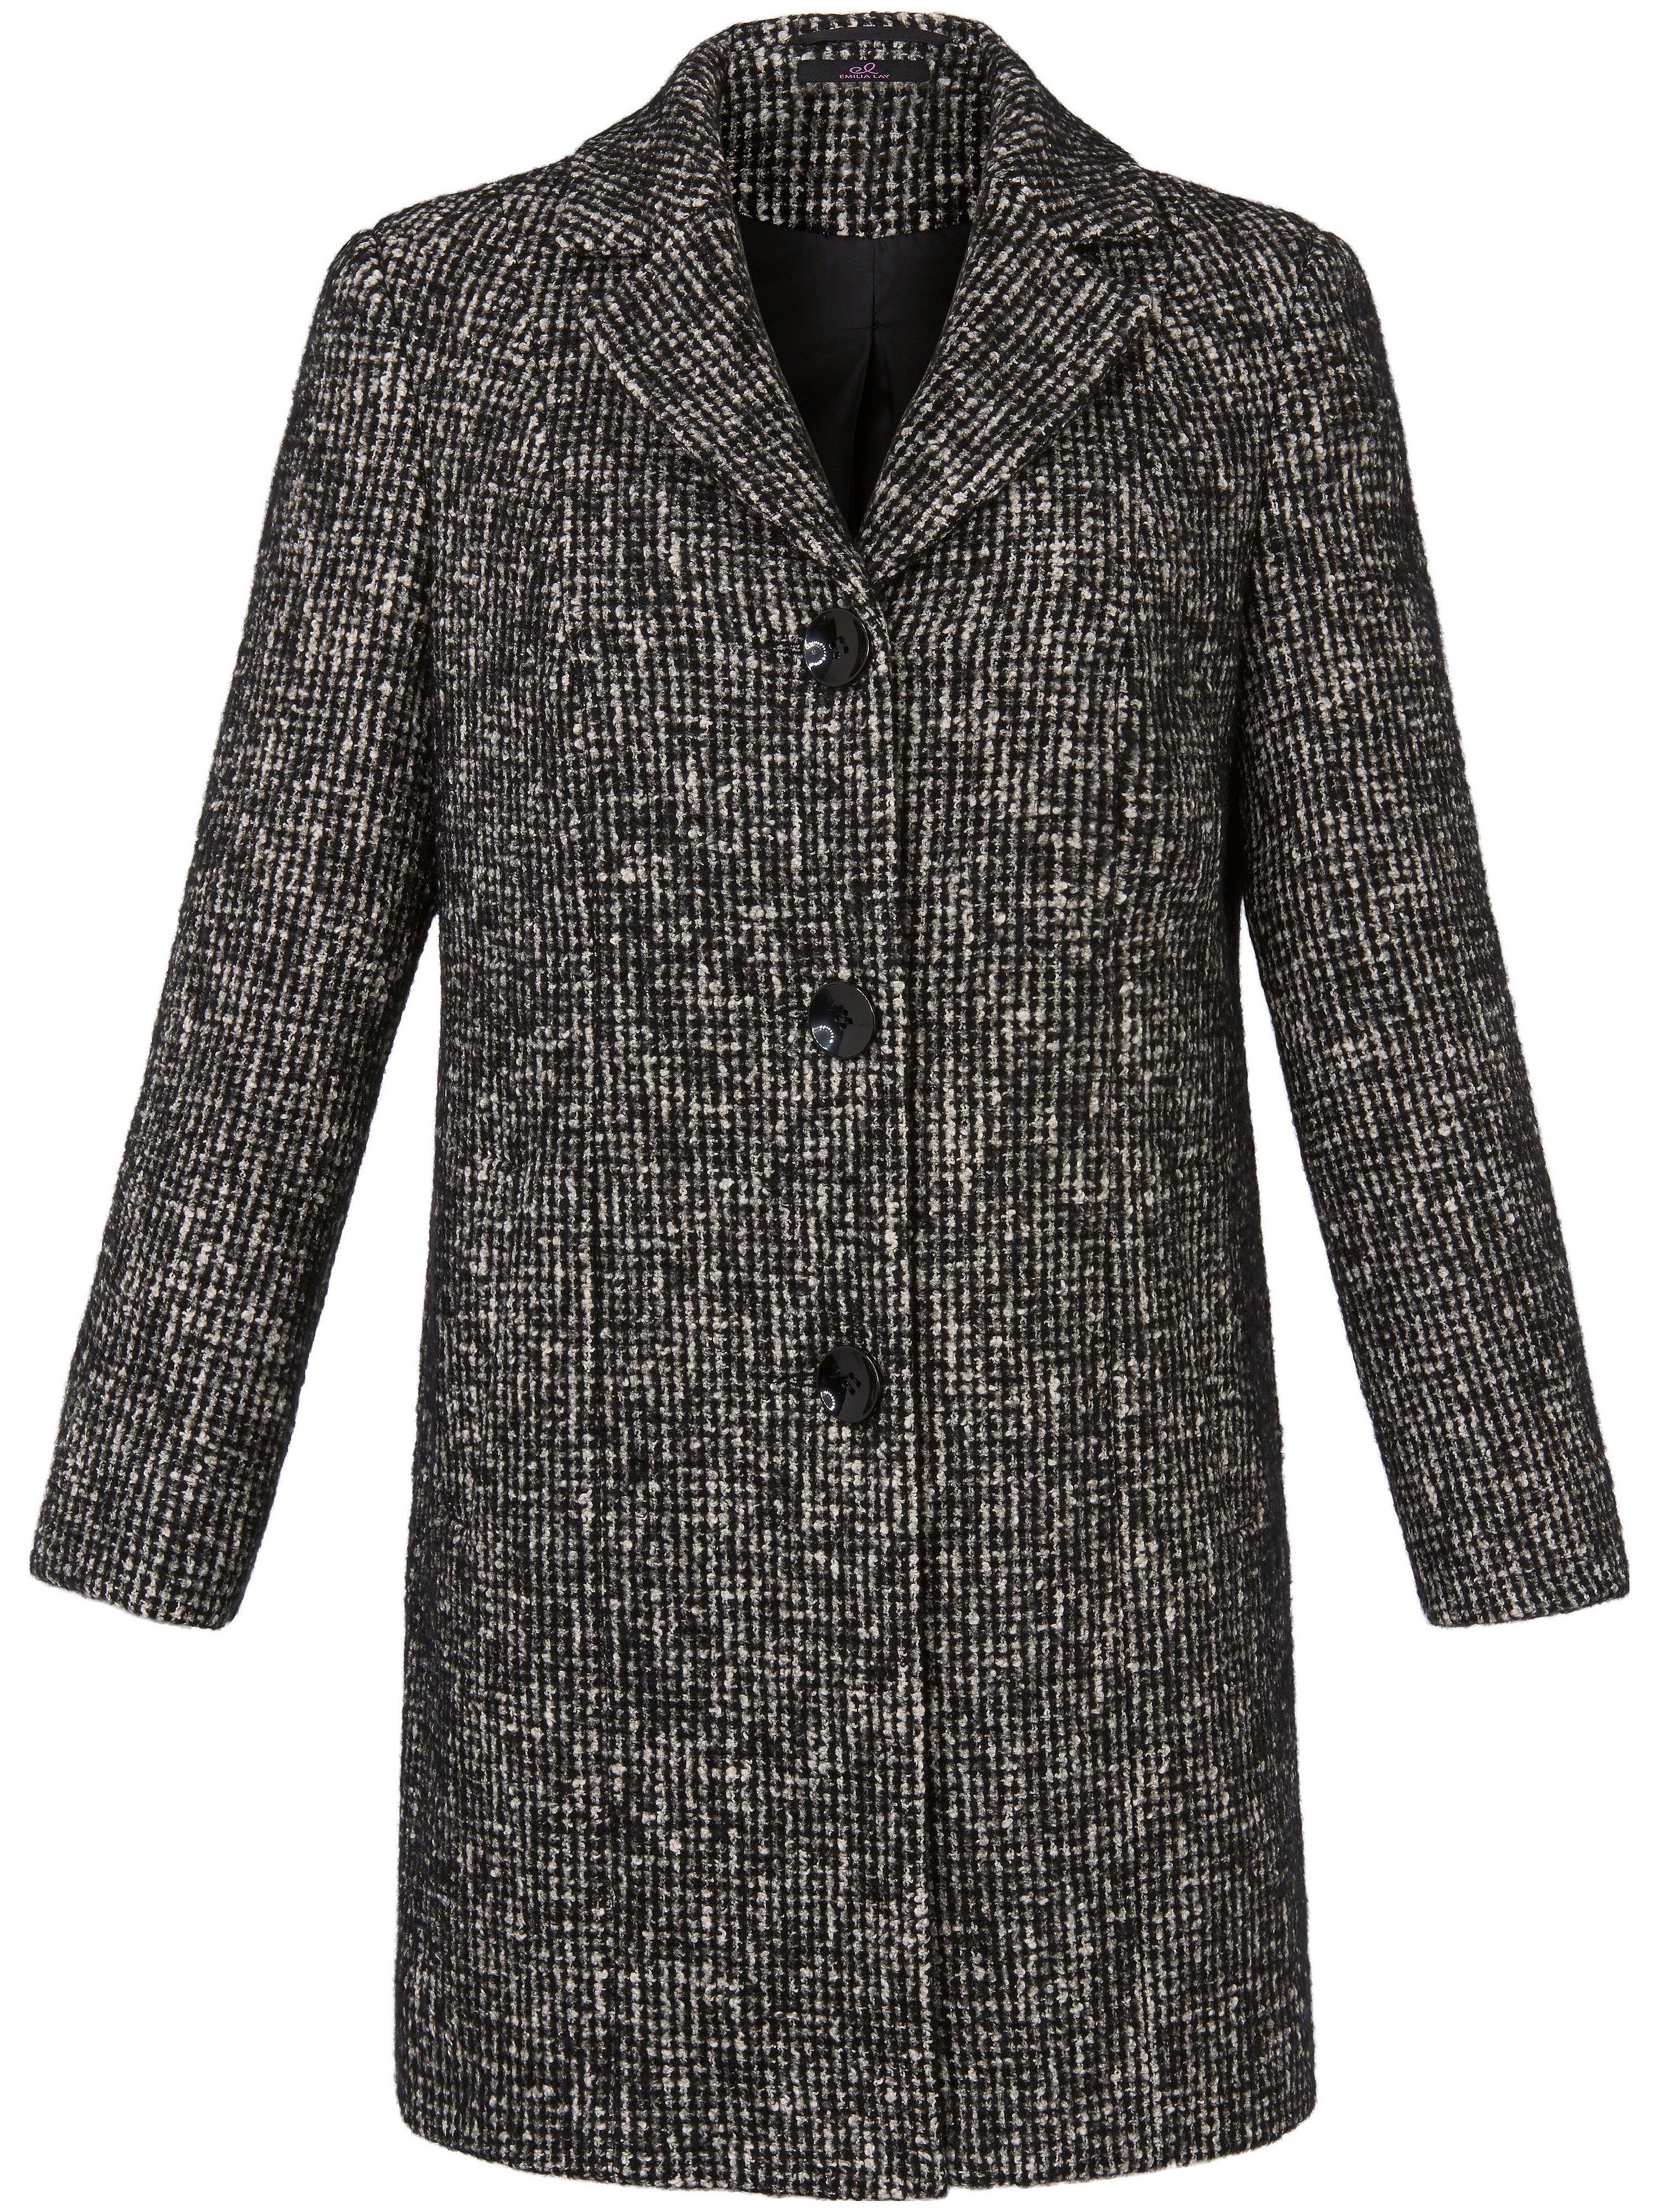 Le manteau 3/4  Emilia Lay noir taille 56